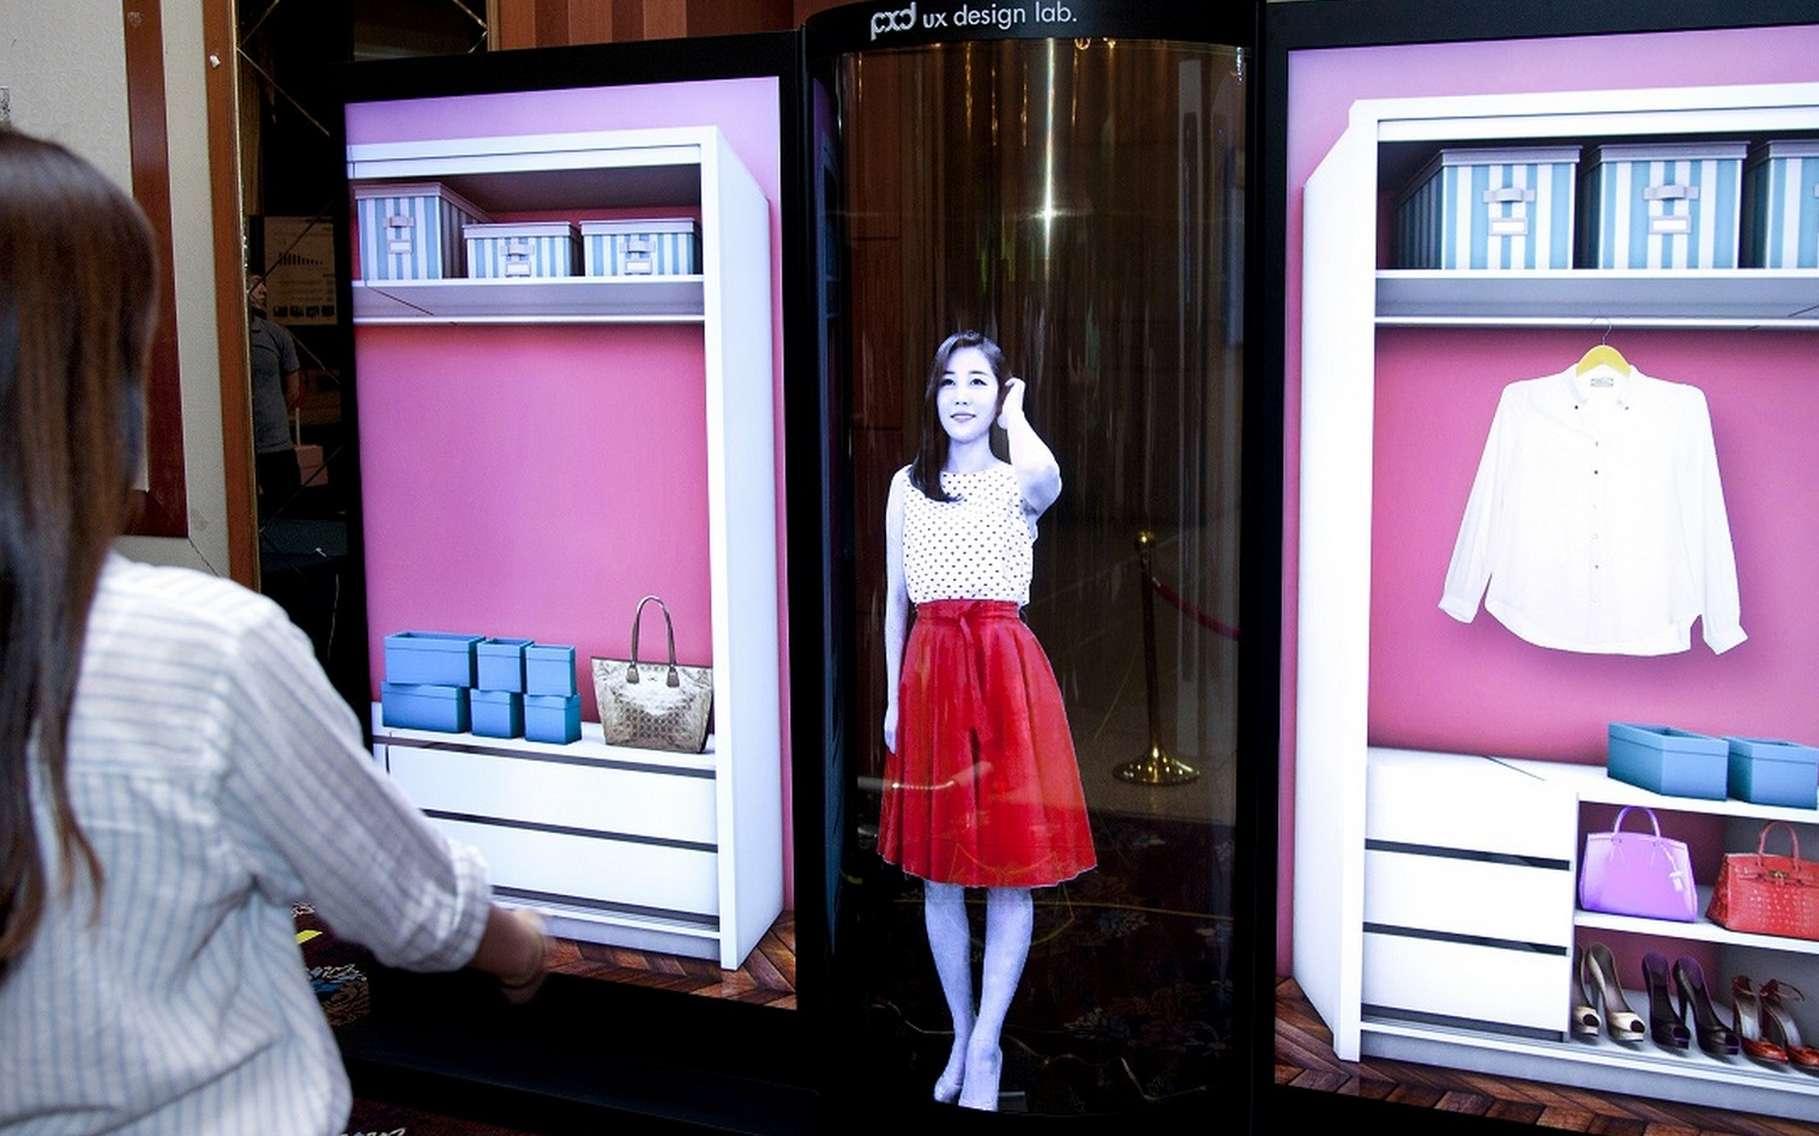 L'écran Oled flexible et transparent de LG Display devrait dans un premier temps servir pour de l'affichage publicitaire. © LG Display